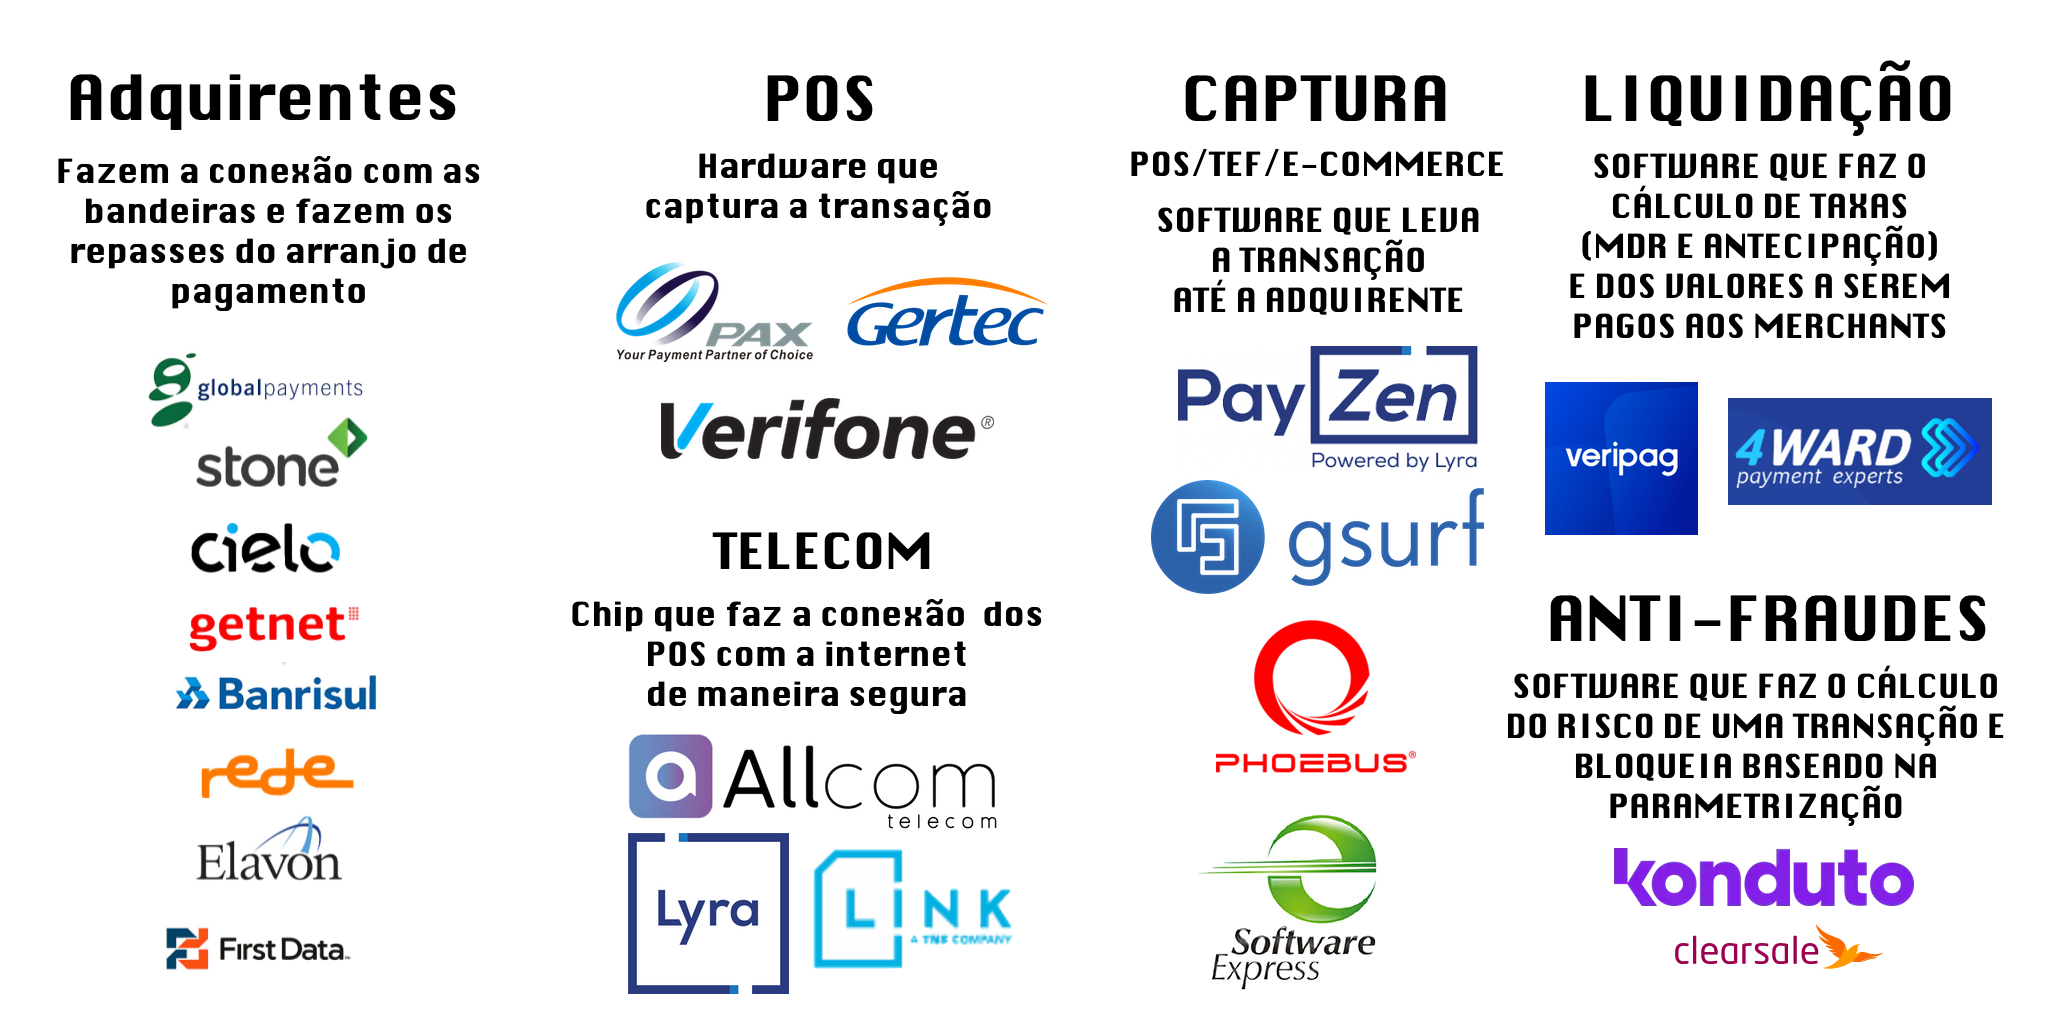 Cover Image for Construindo uma SubAdquirente